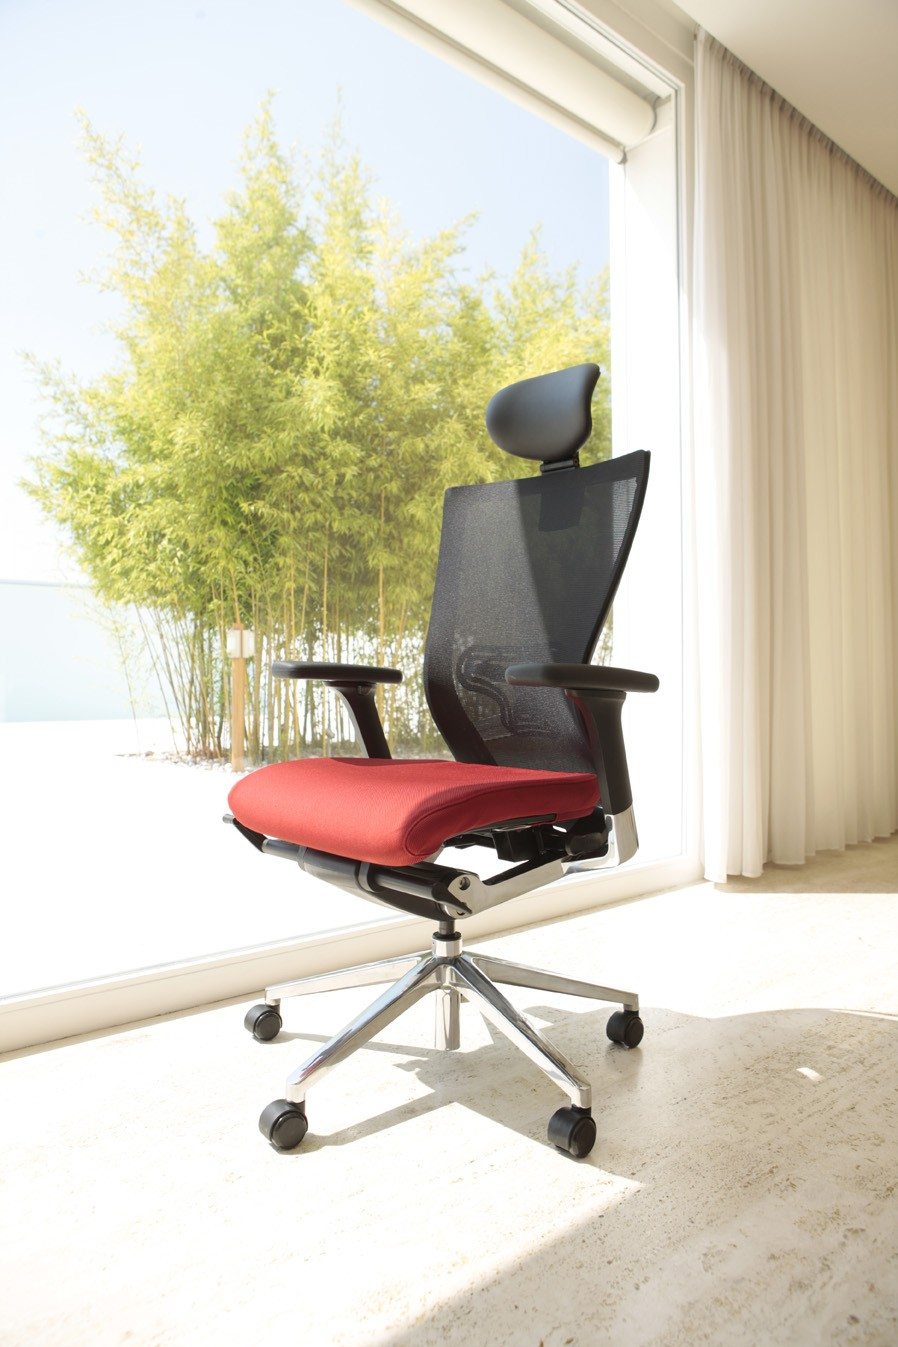 fauteuil direction tissu ergonomique x chair achat si ges ergonomiques 599 00. Black Bedroom Furniture Sets. Home Design Ideas